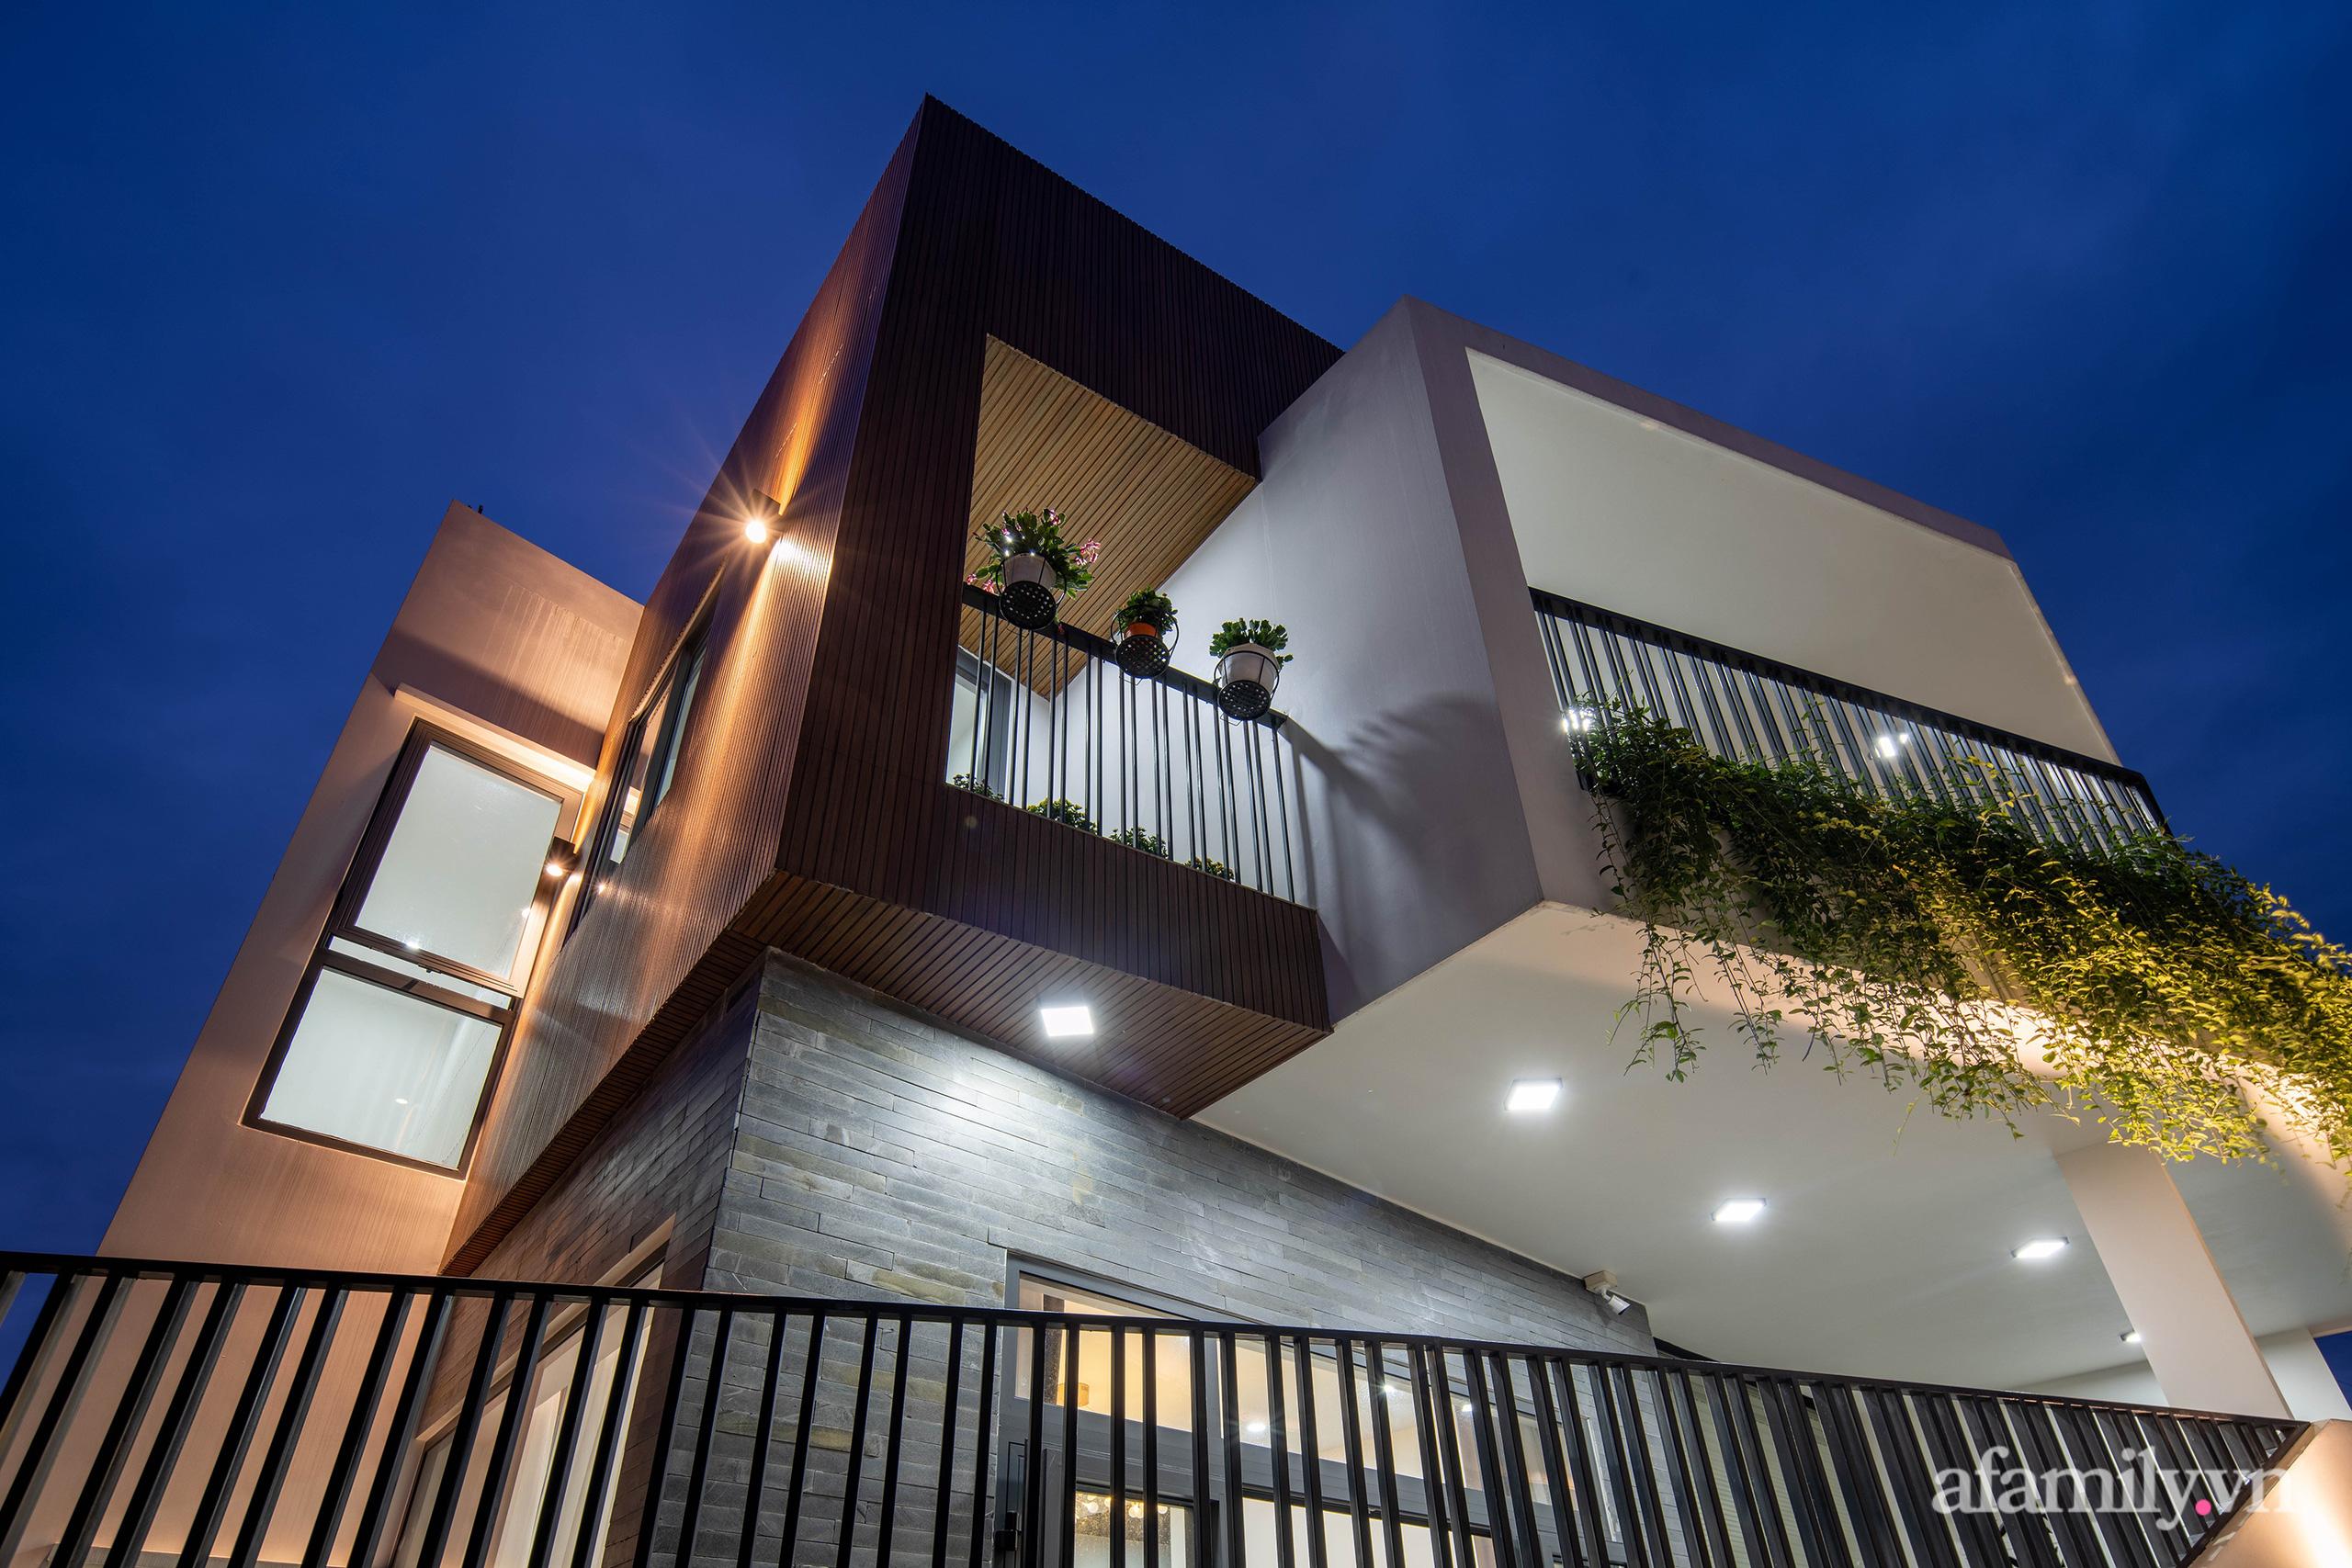 Nhà trong hẻm nhỏ vẫn ngập tràn ánh sáng, duyên dáng với nội thất tối giản ở Đà Nẵng - Ảnh 2.